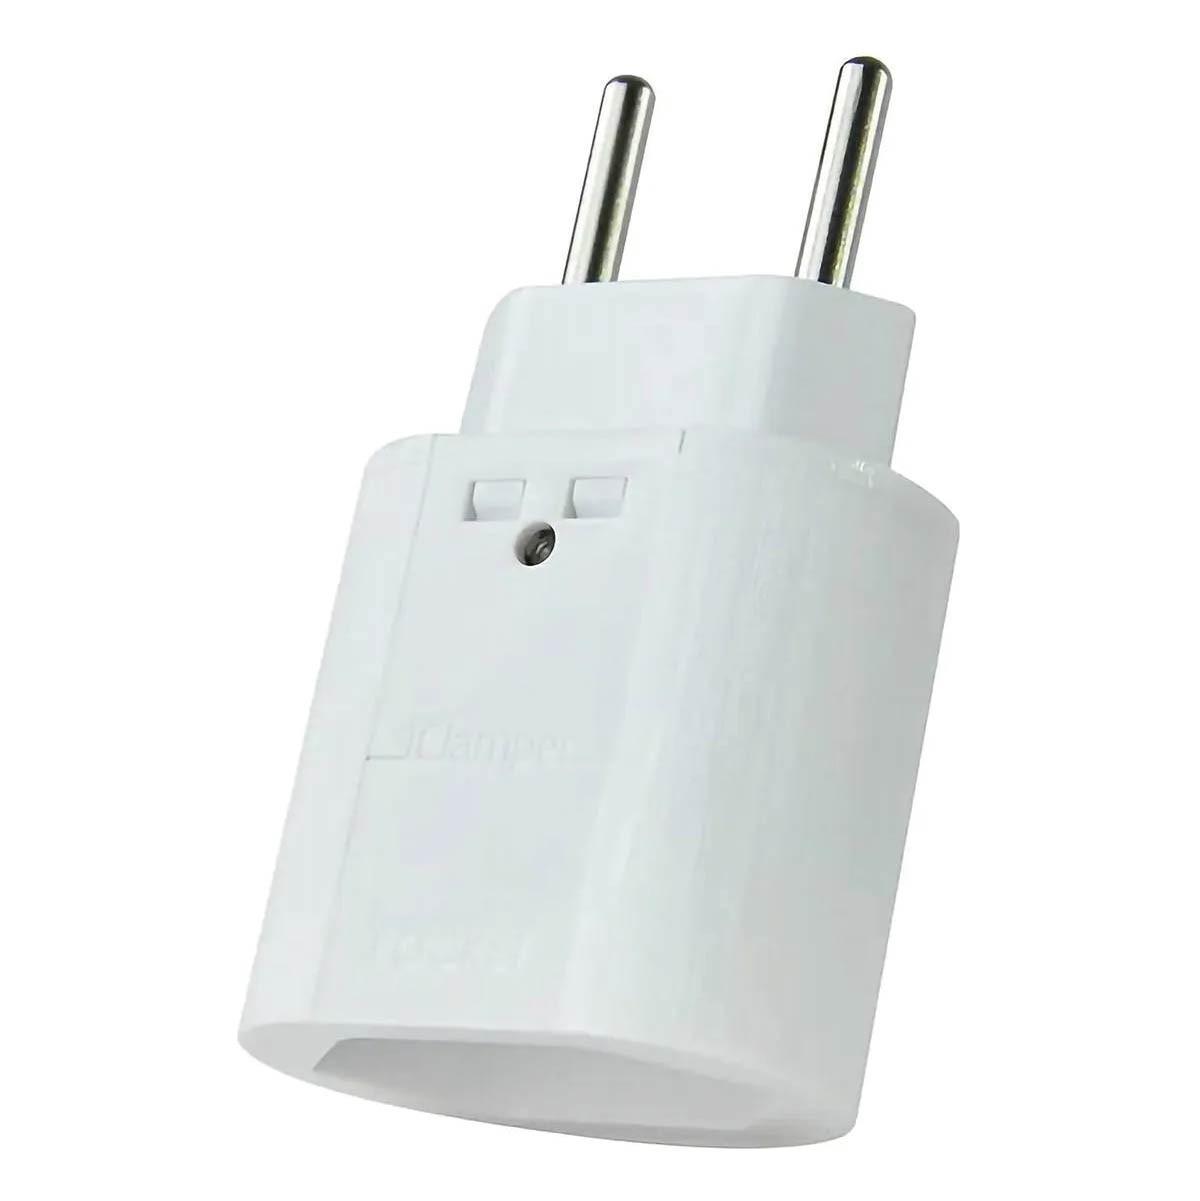 Protetor Clamper Pocket Dps 2 Pinos 10a Proteção contra Surto e Raios Branco